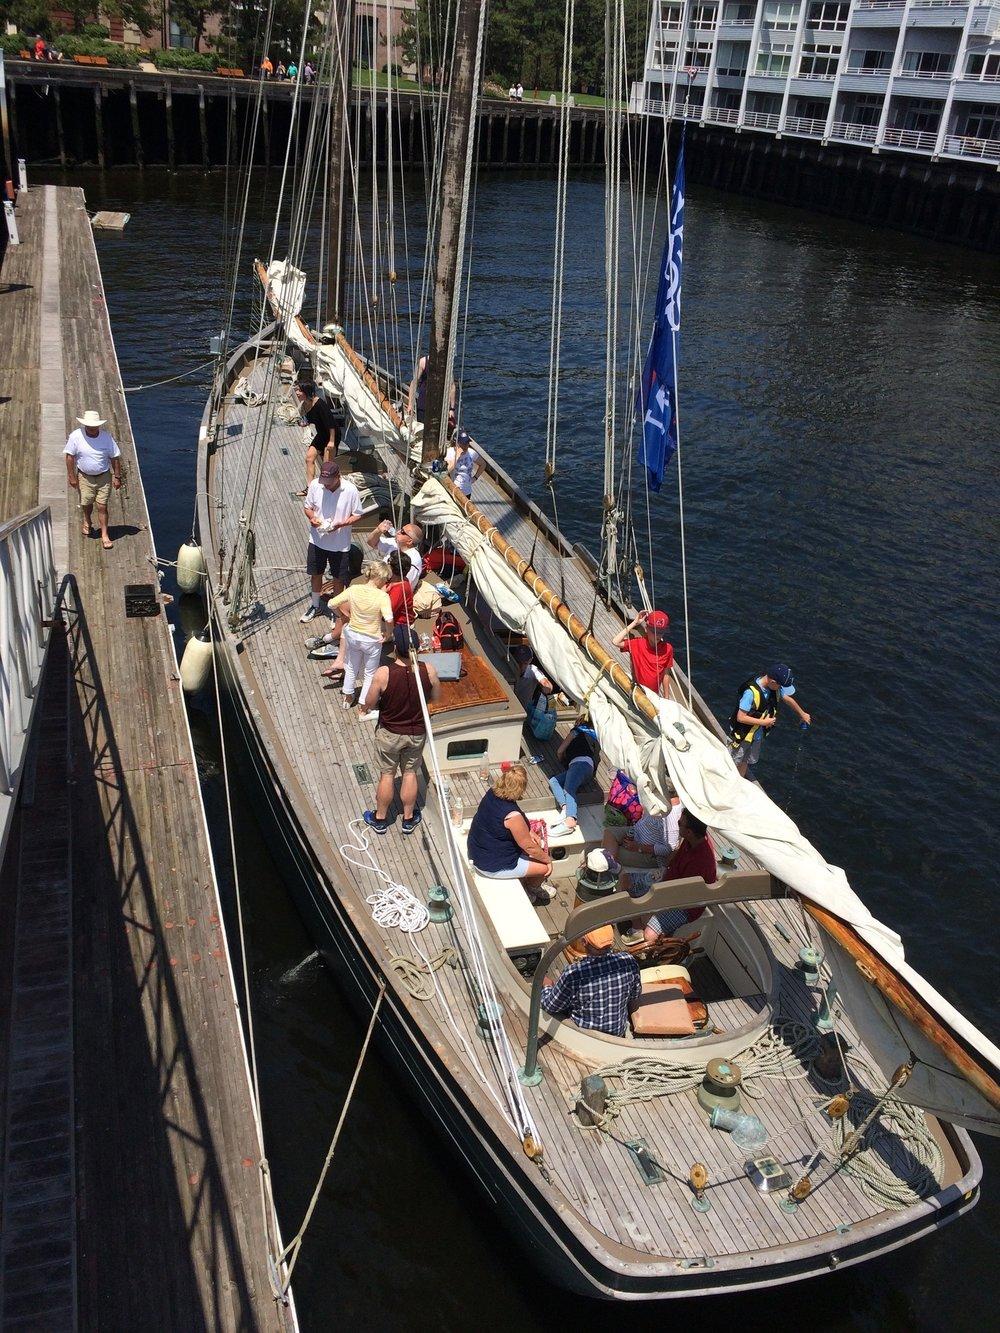 ubounded-adventures_schooner-tyrone-4.jpg